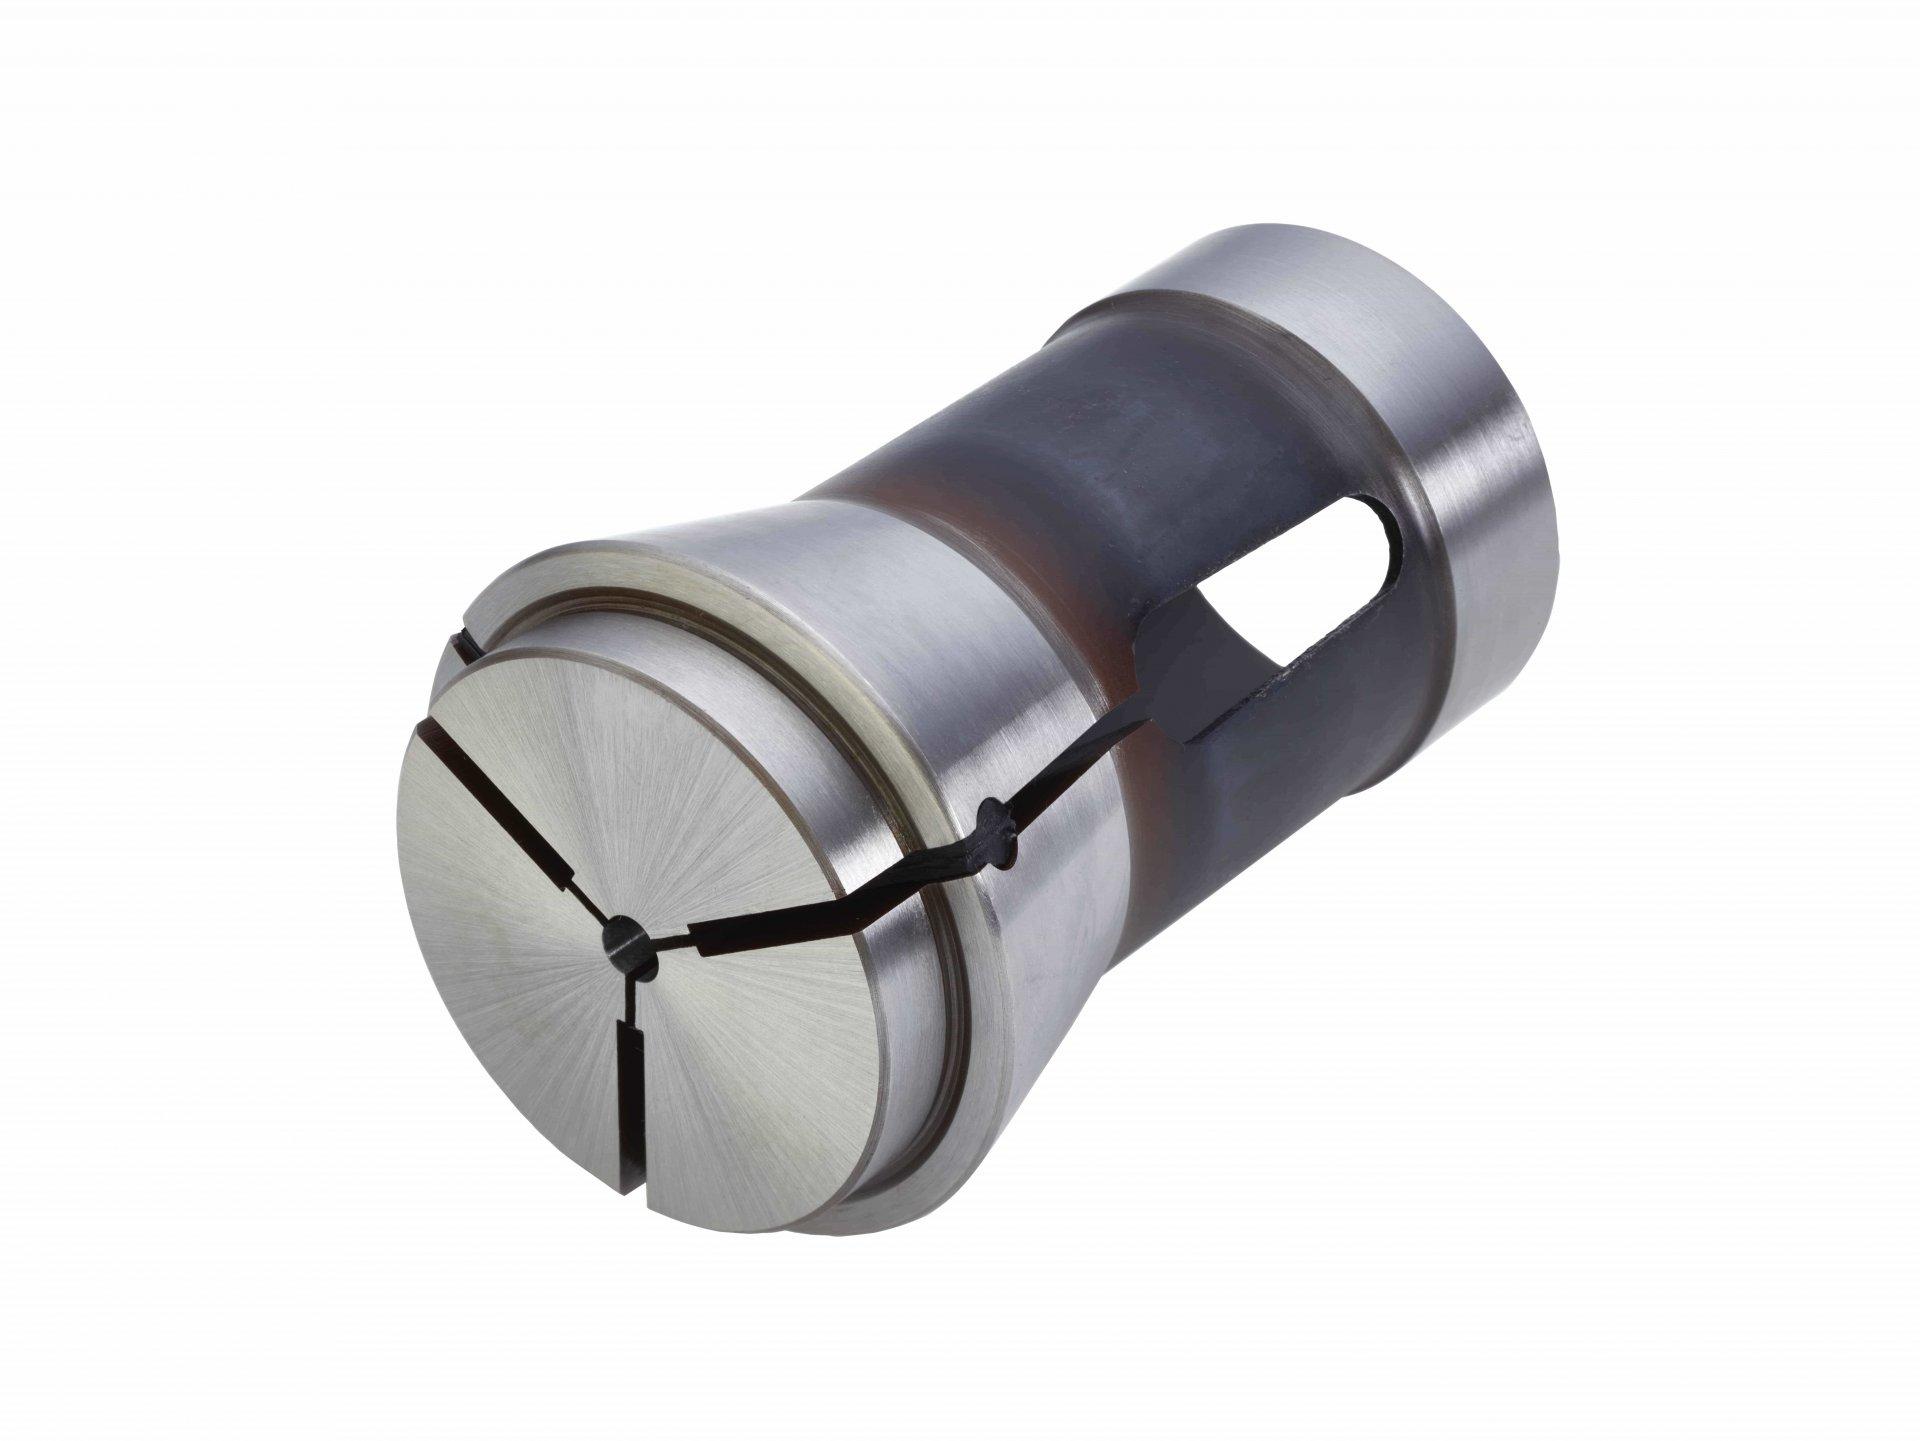 Spannzange 185E - verschiedene Durchmesser